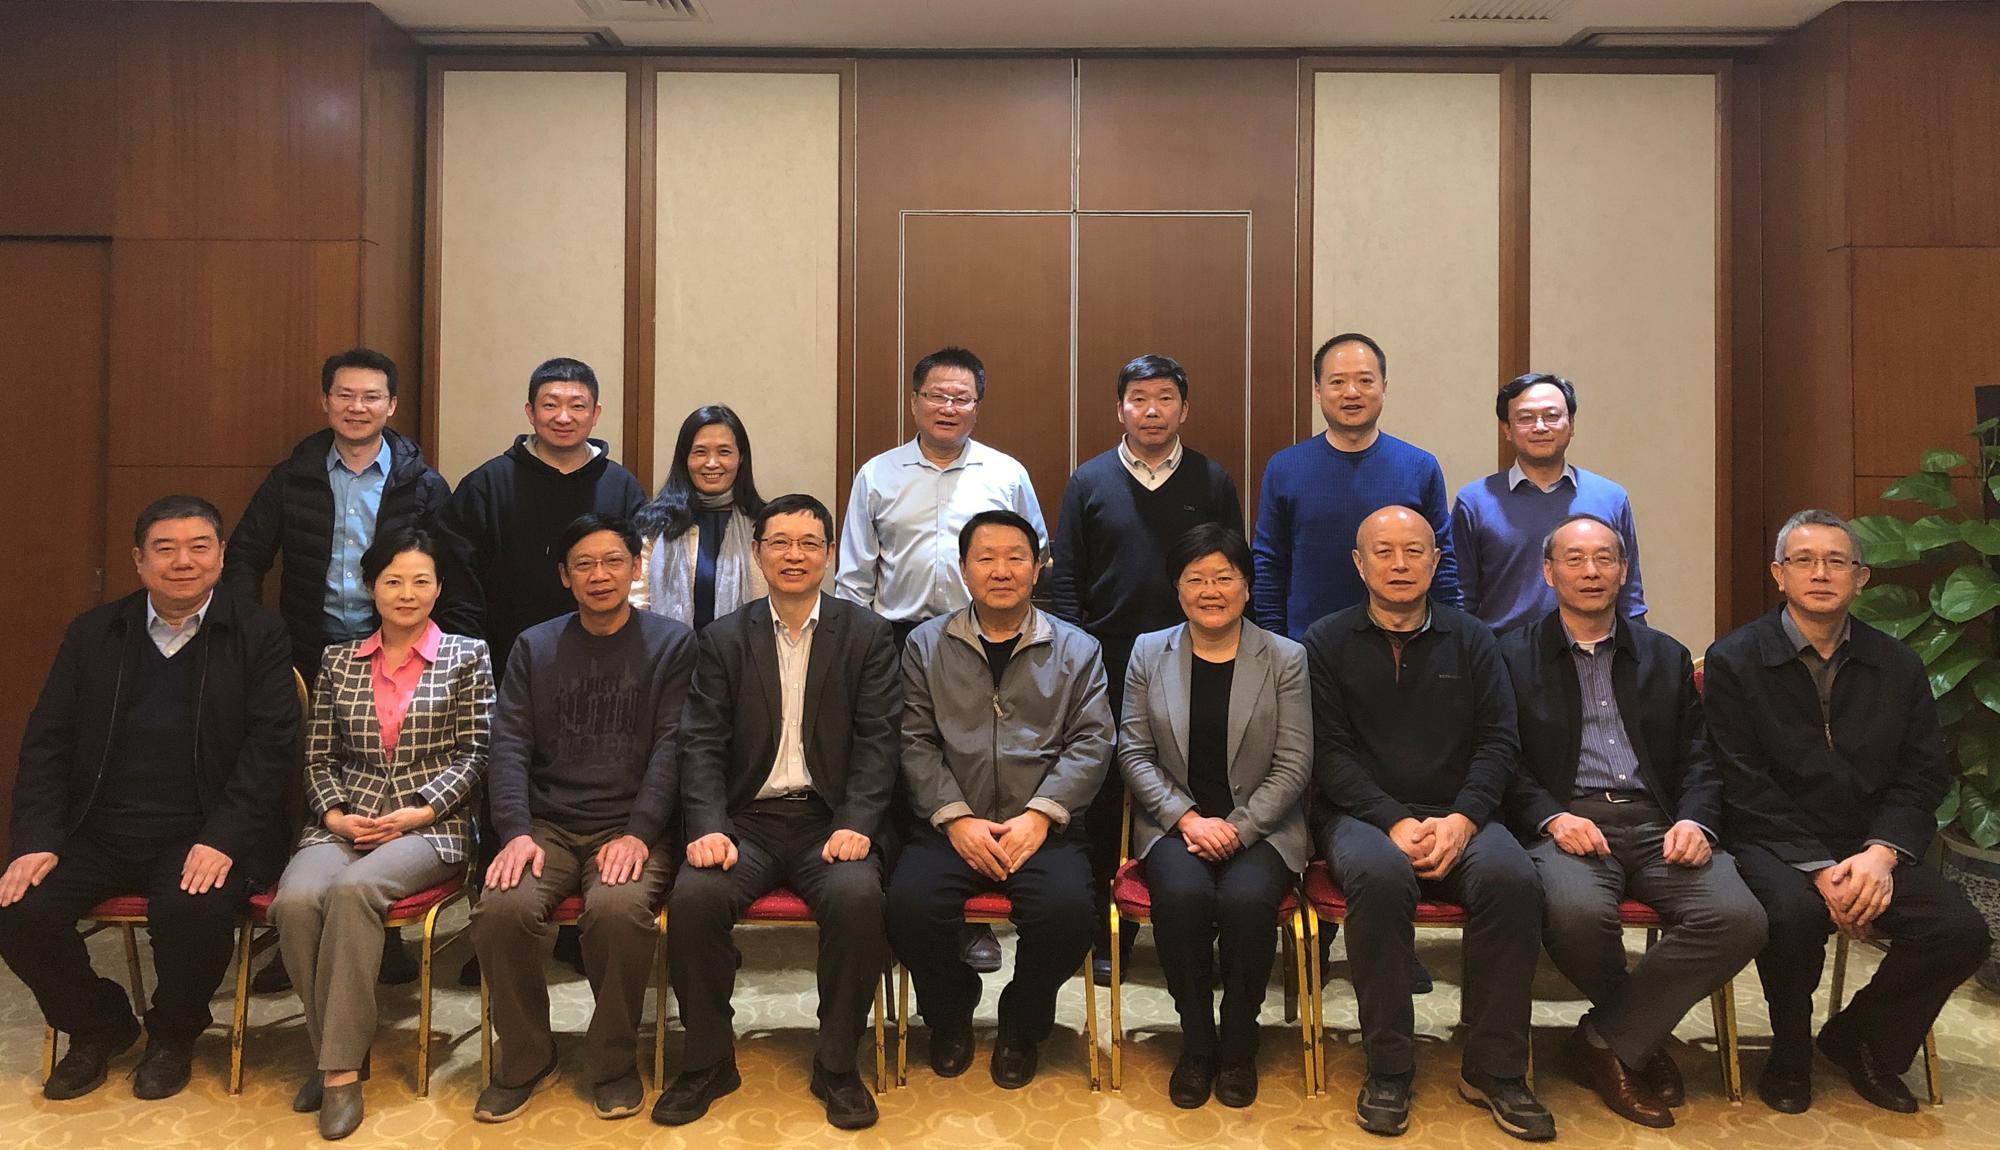 西电校领导拜访北京校友、举行交流座谈会